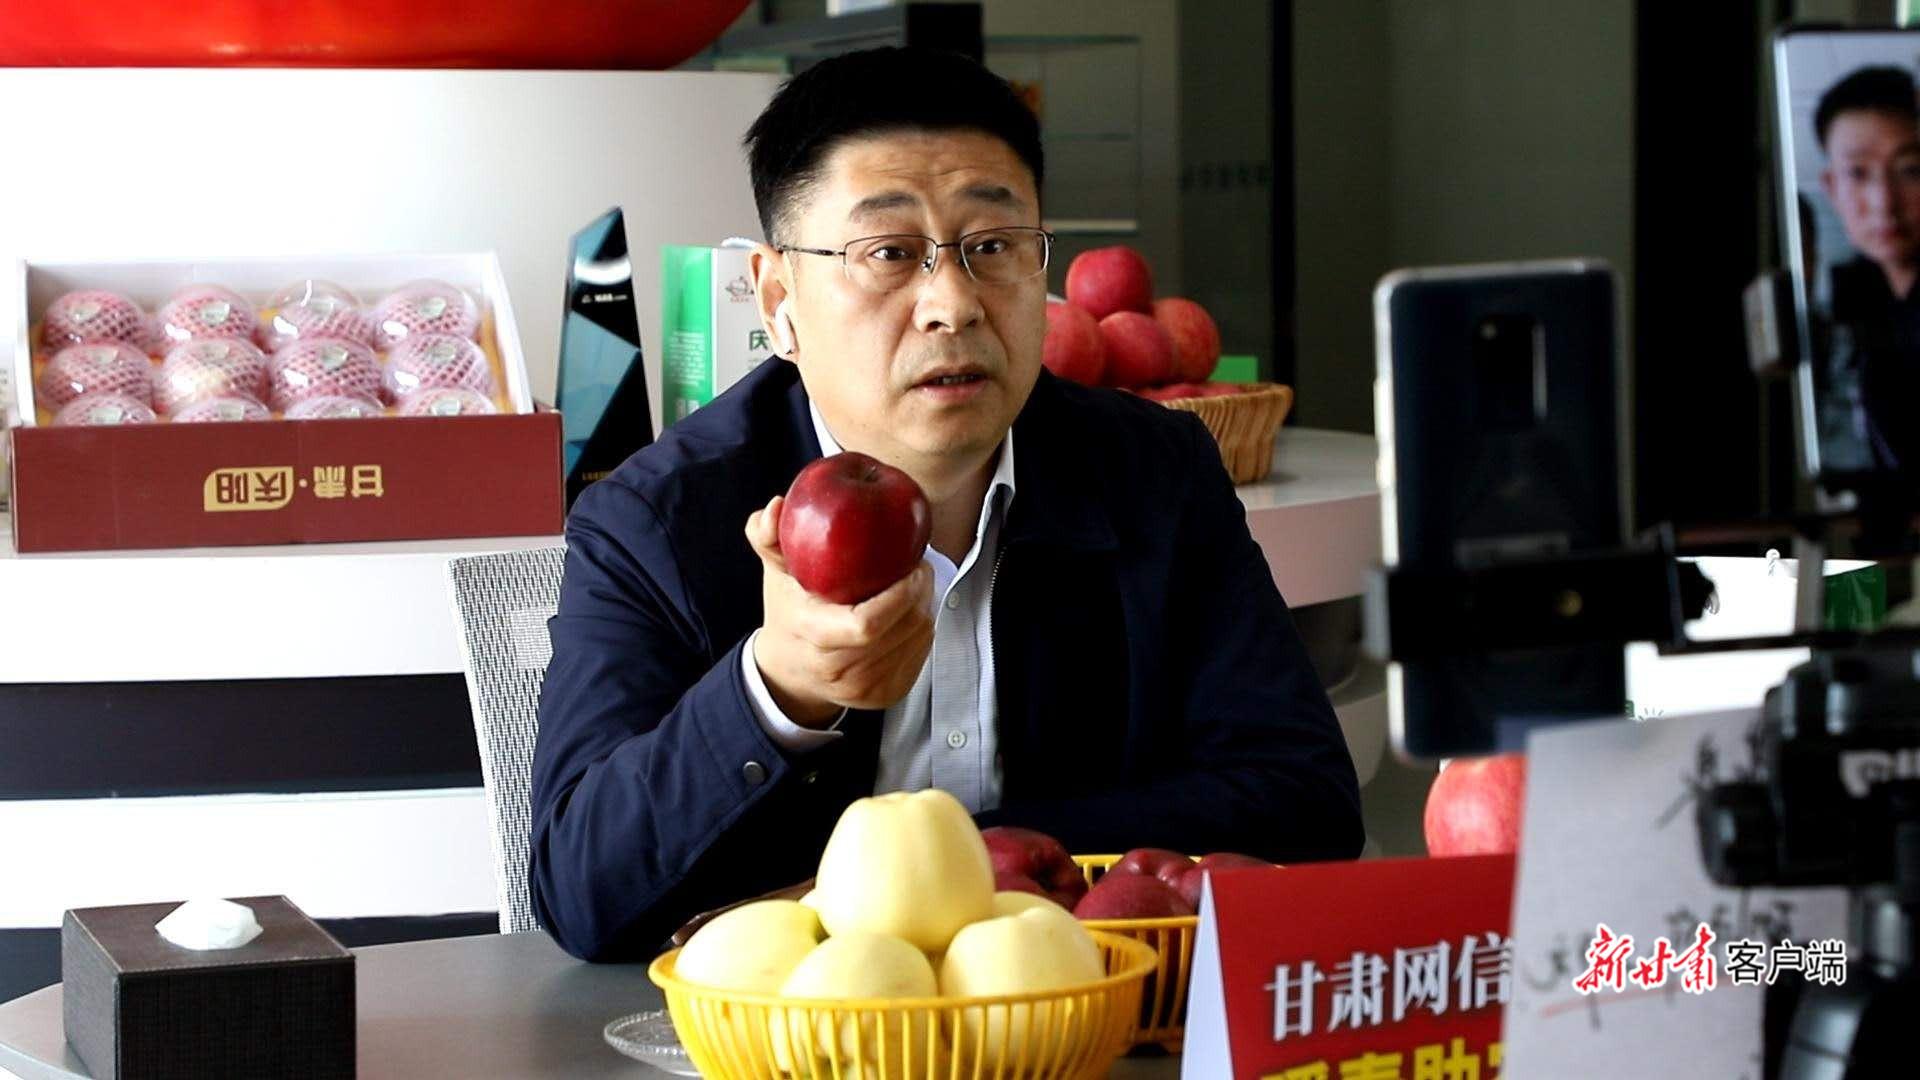 宁县副县长张东网络直播现场图片_副本.jpg